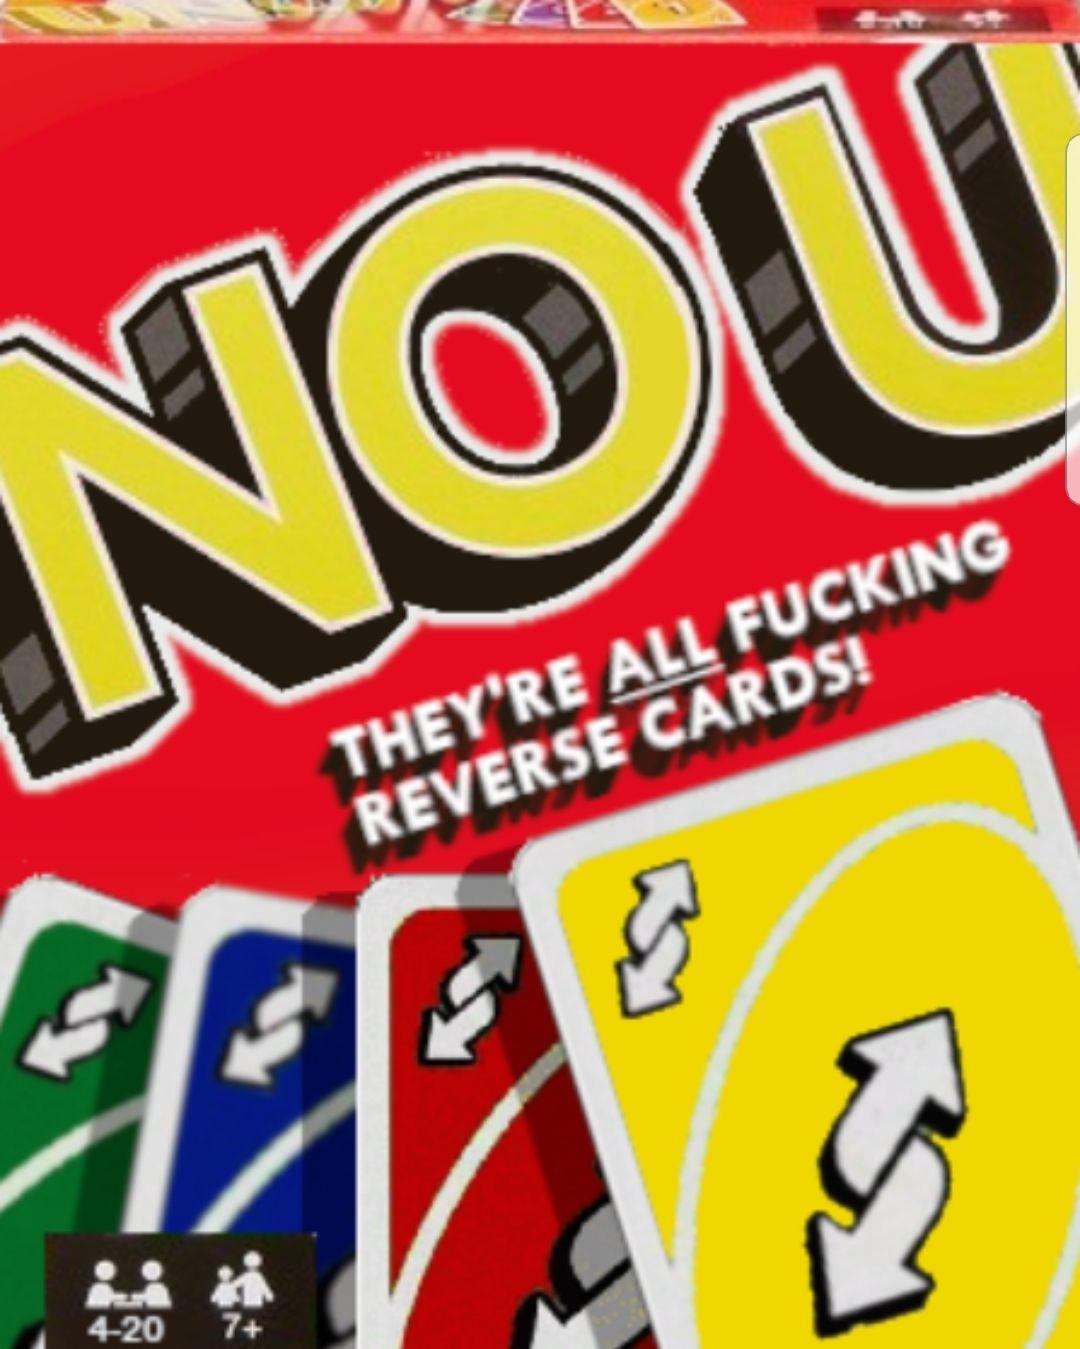 No u and NO U